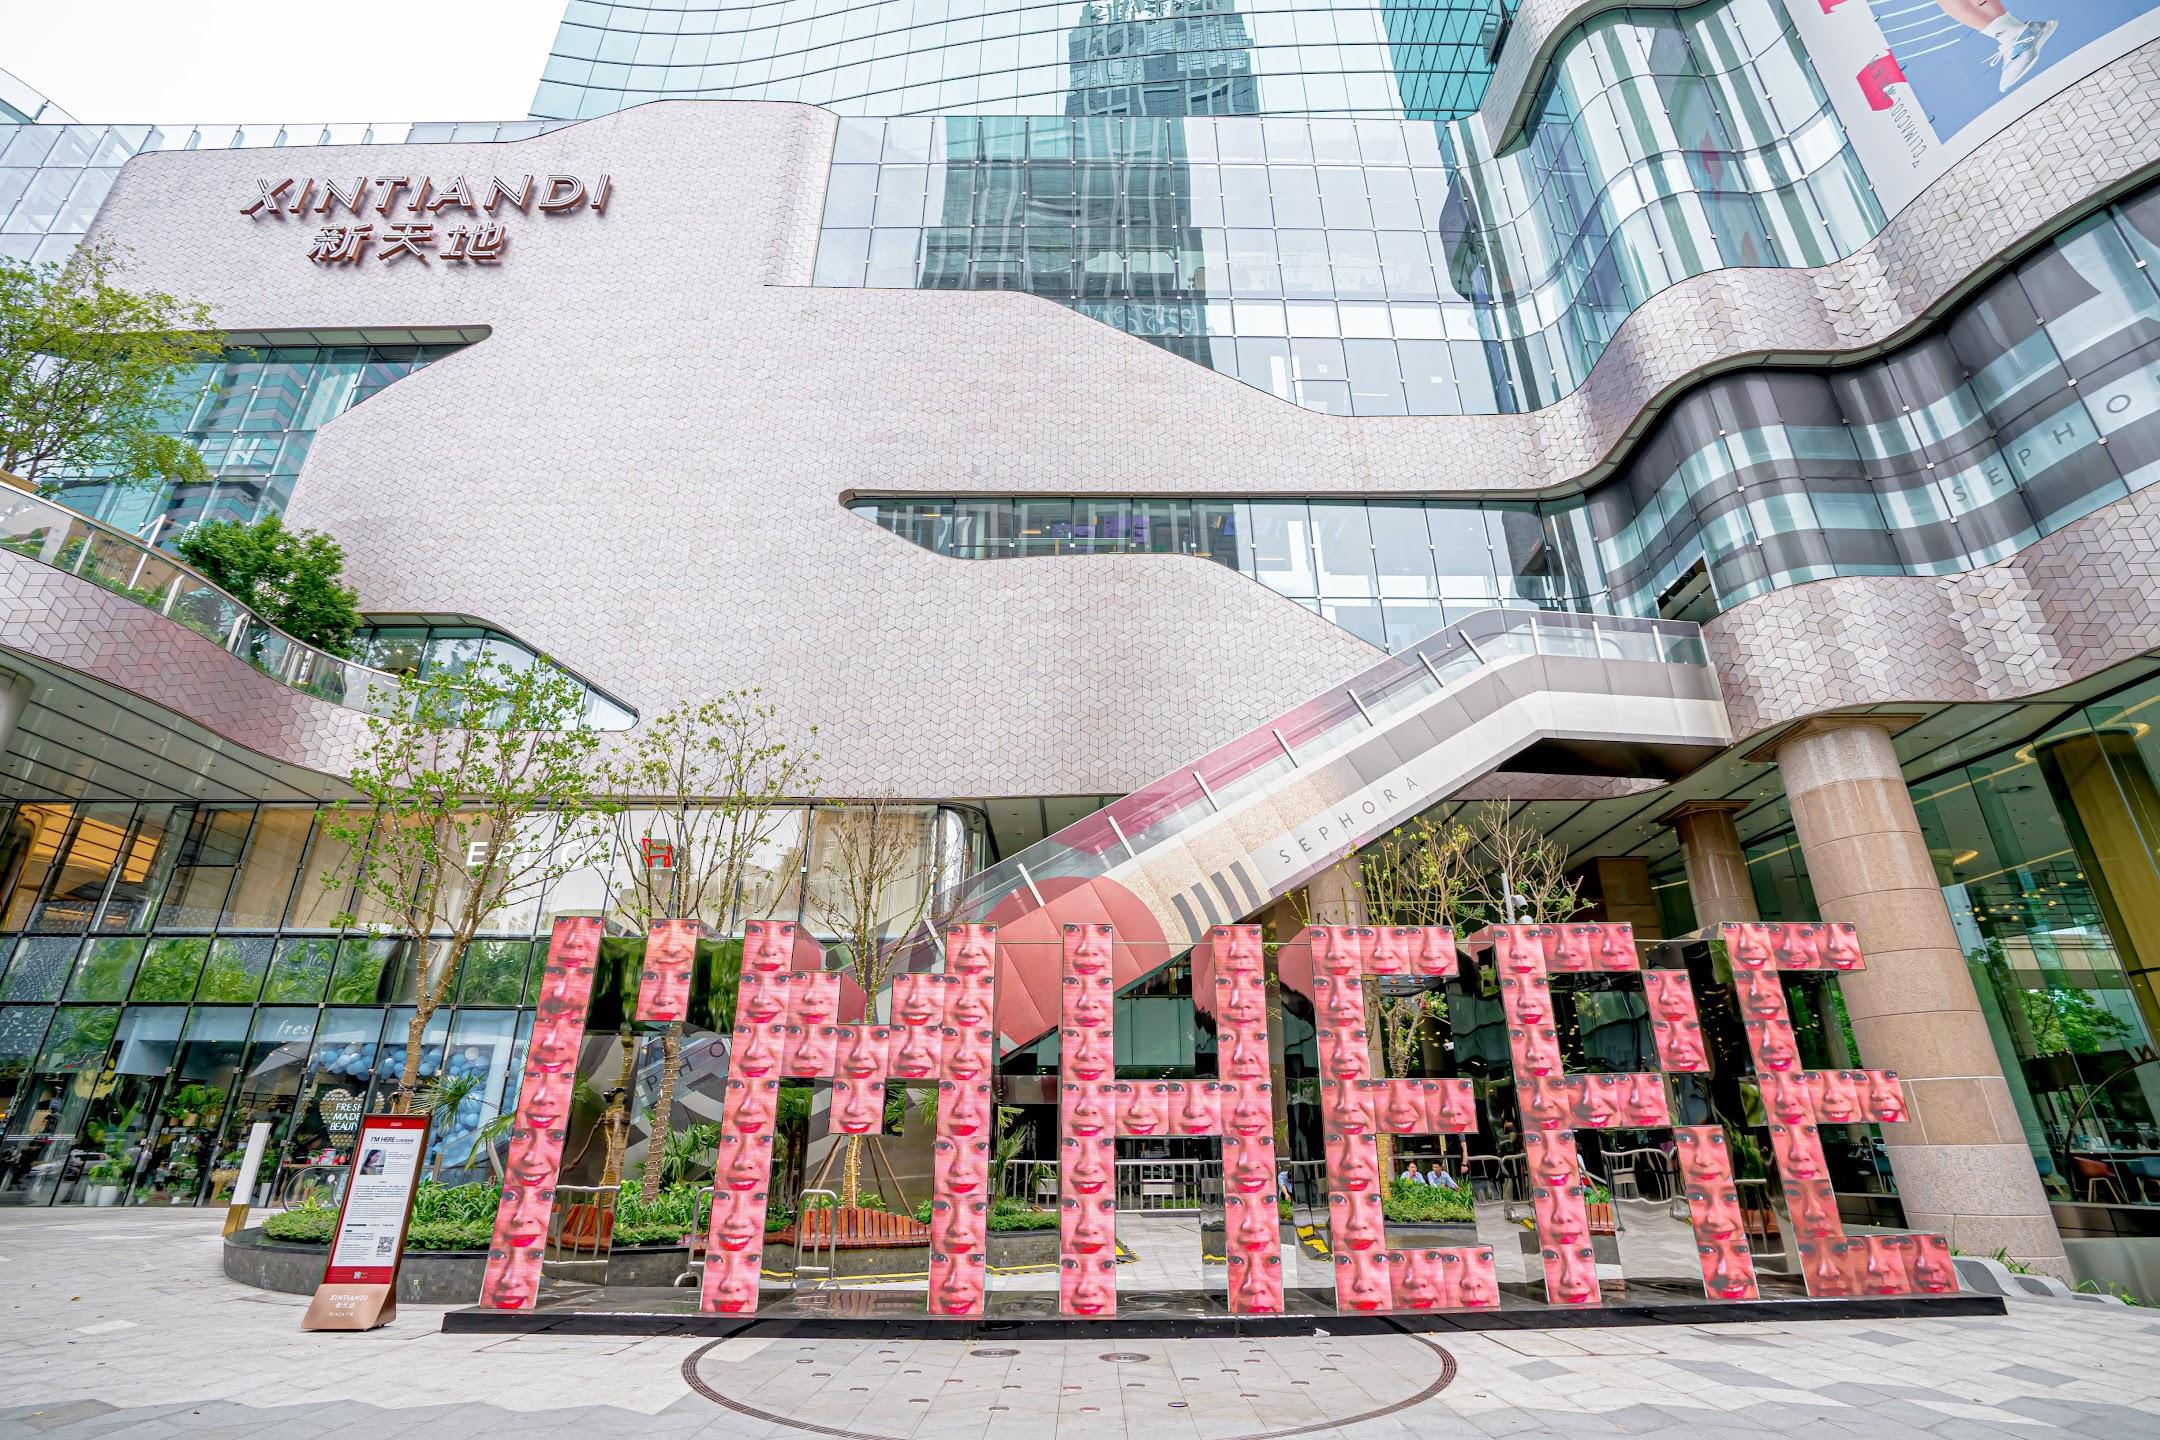 上海 新天地 ショッピングモール